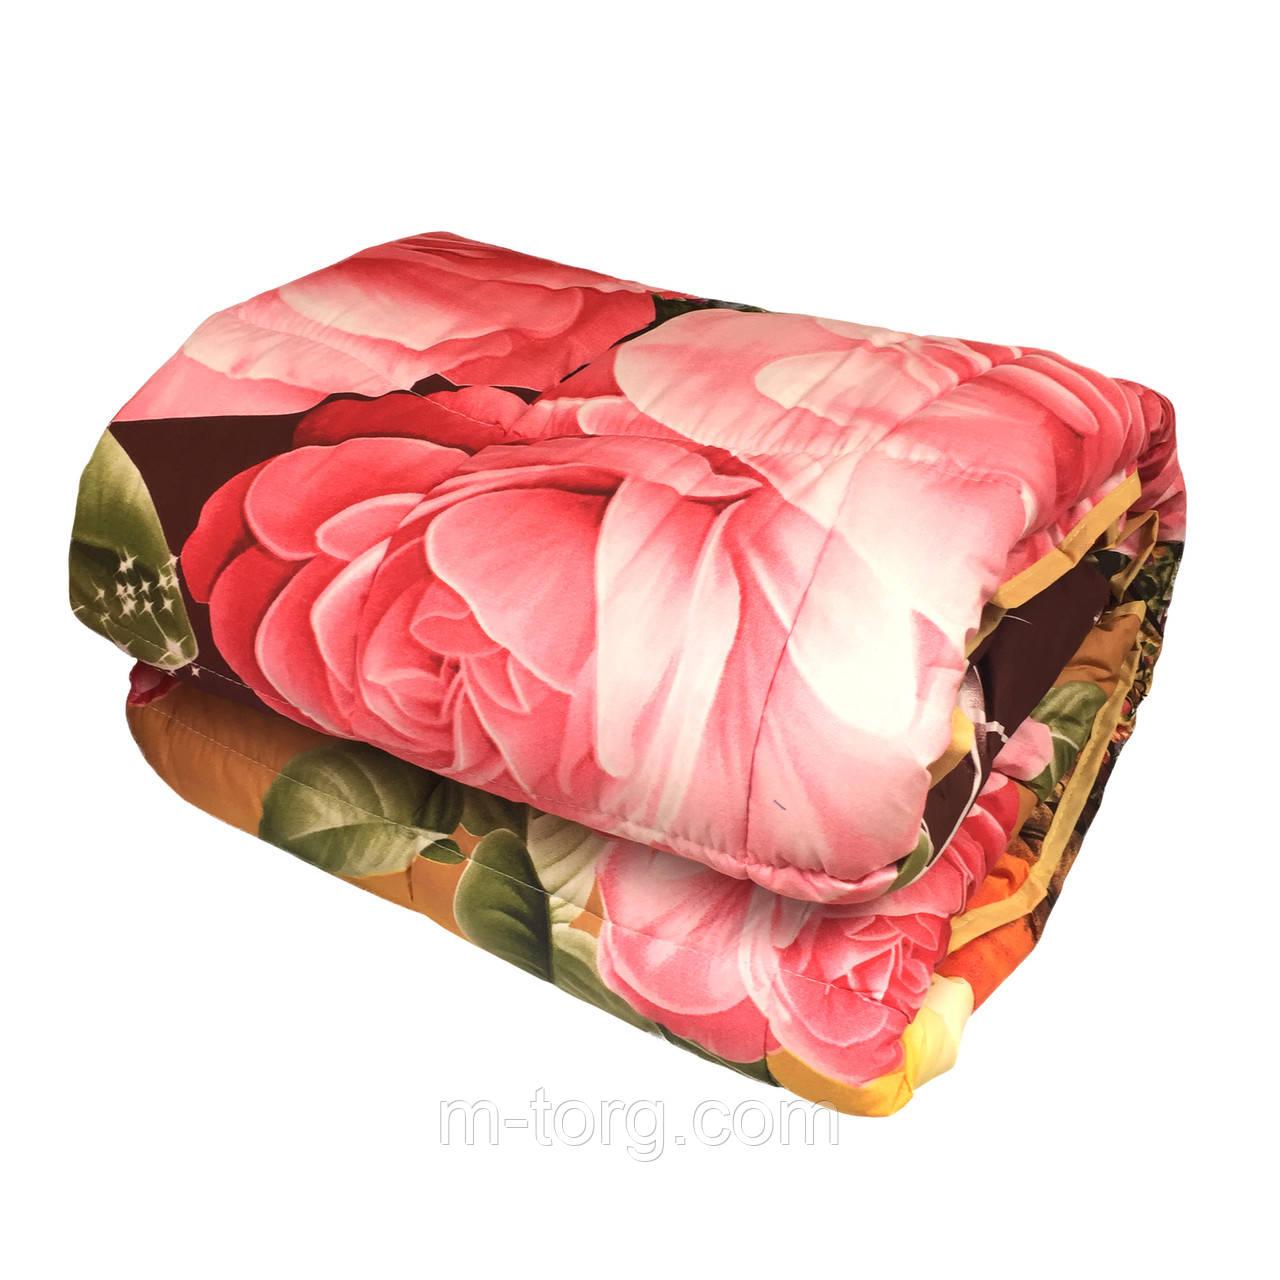 Одеяло ватное полуторное 150*210 см, ткань бязь